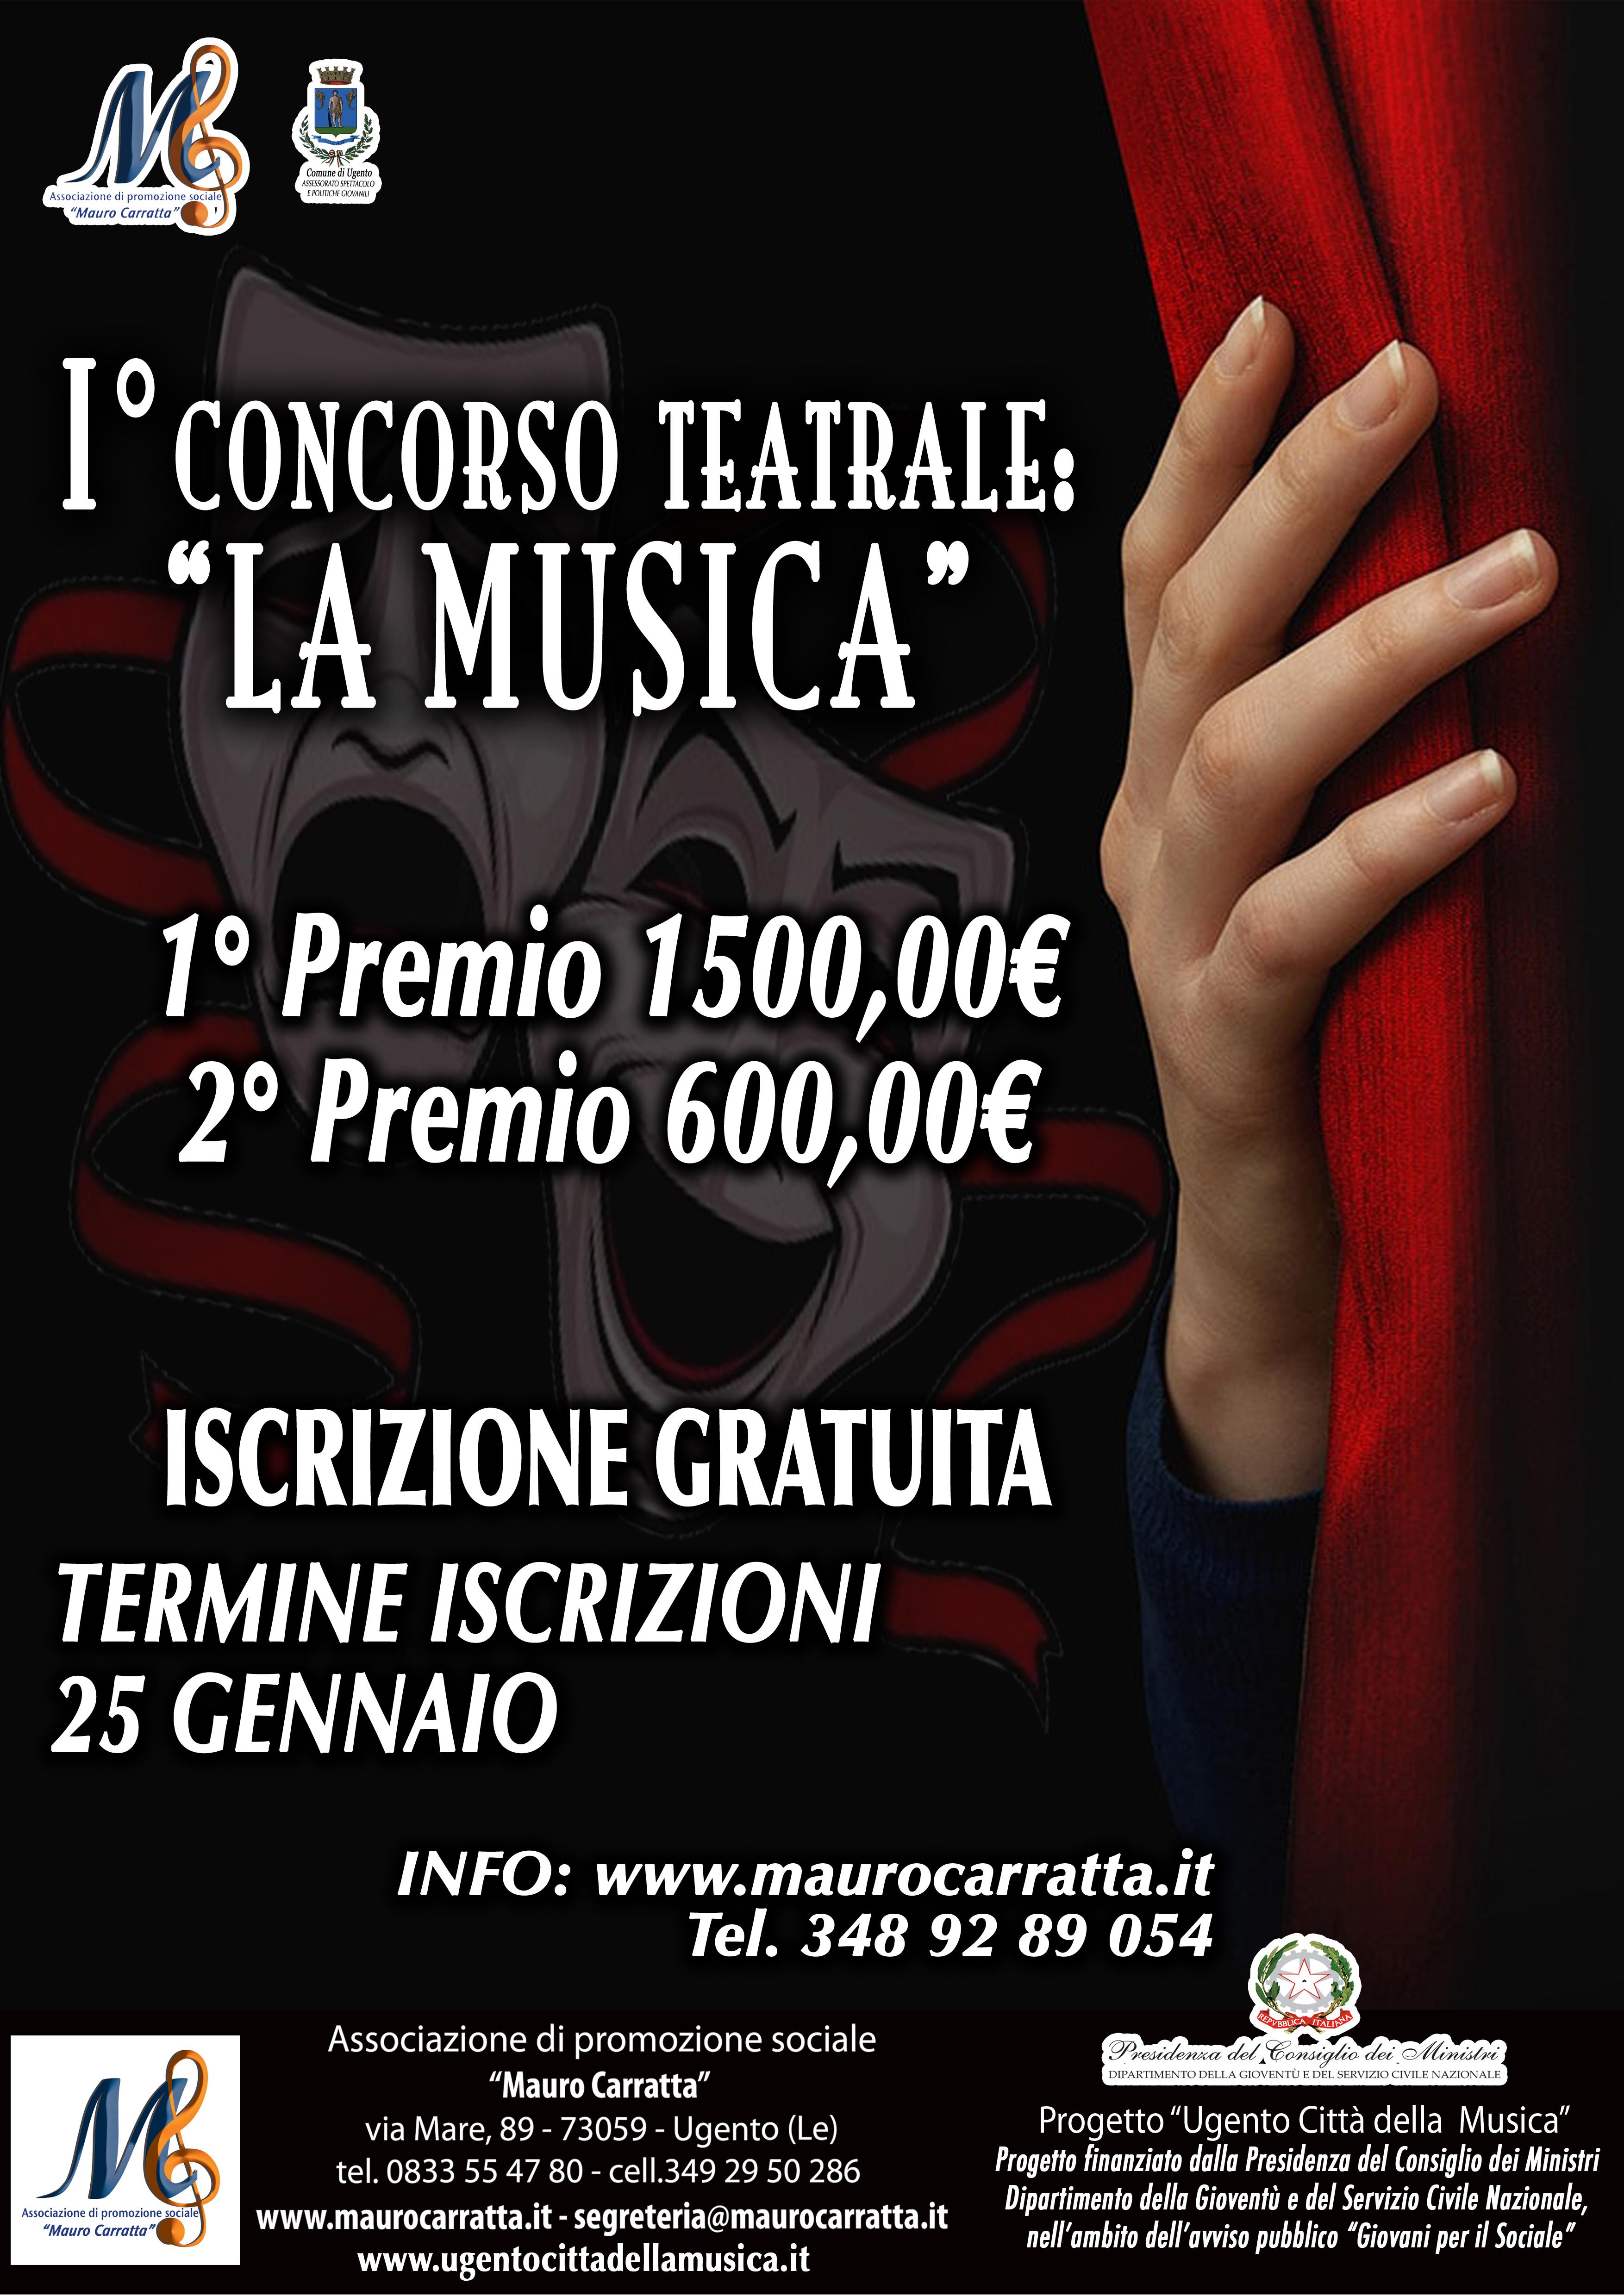 prima edizione concorso teatrale LA MUSICA - proroga